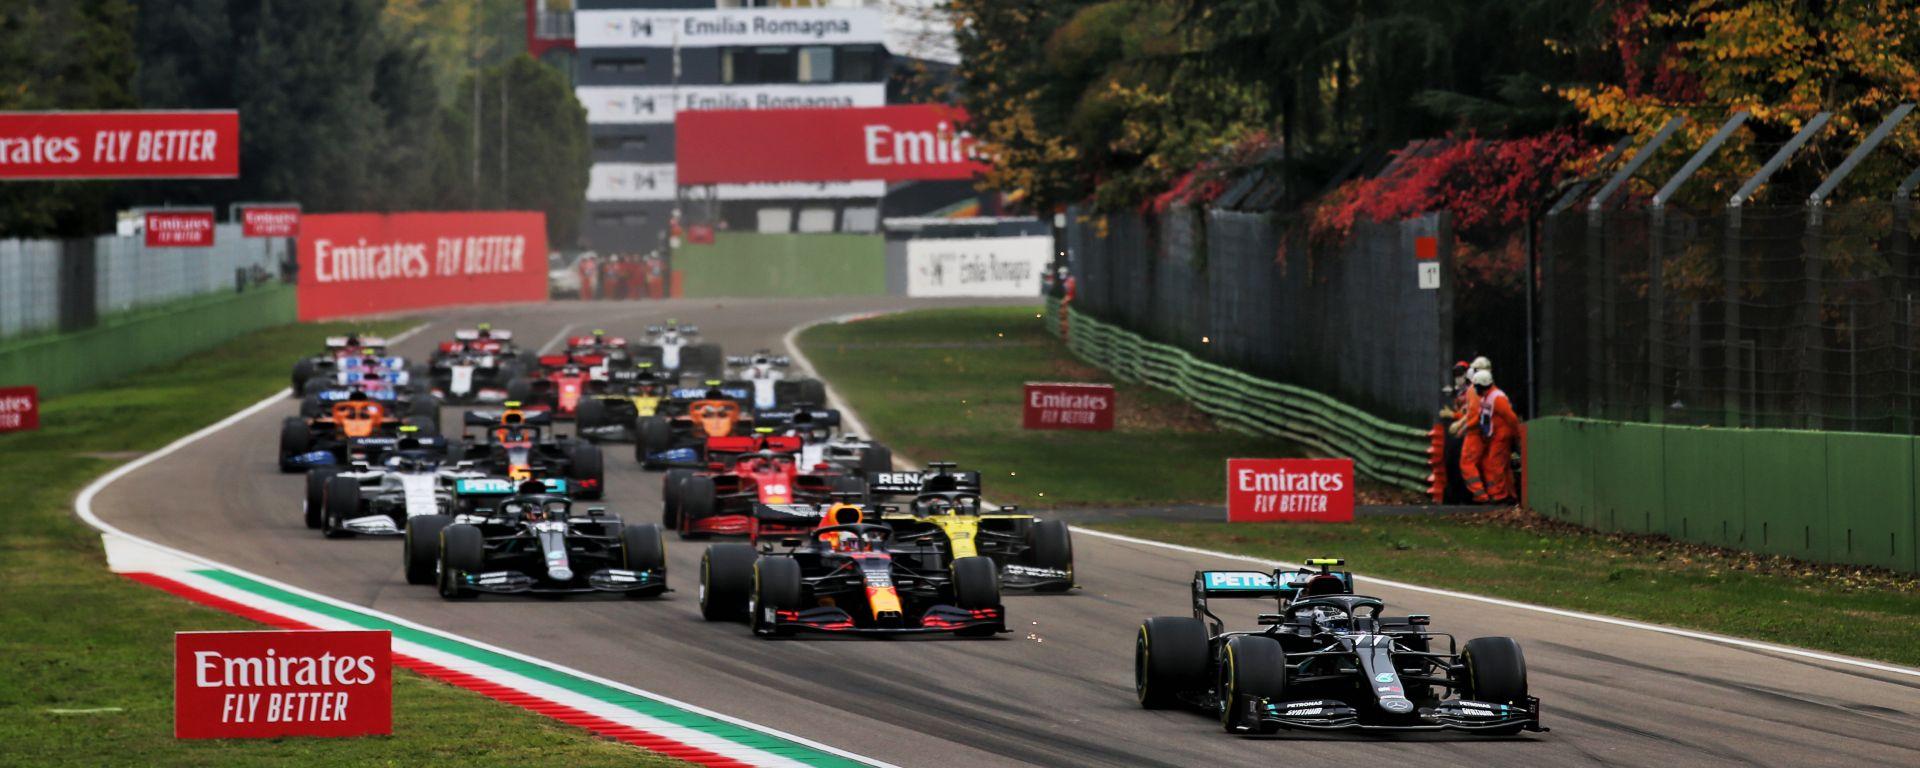 La partenza del GP dell'Emilia Romagna 2020